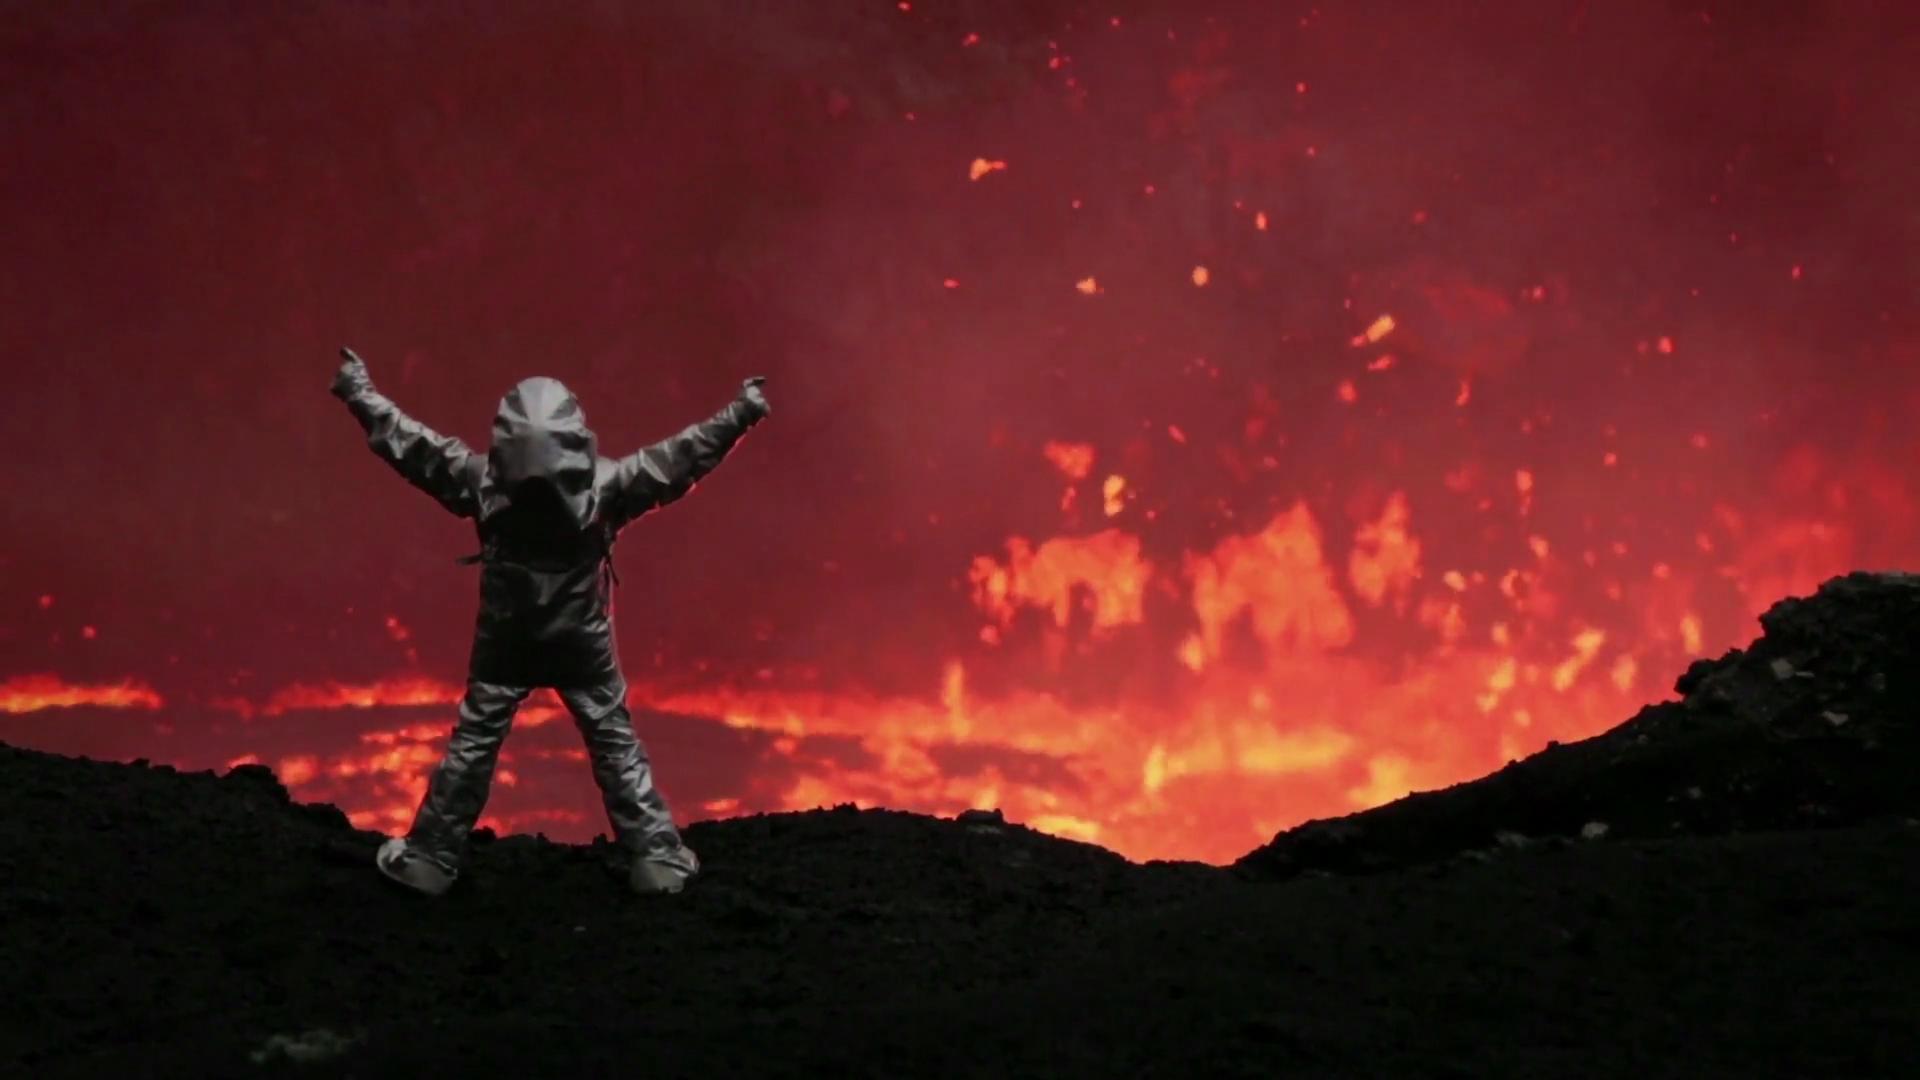 A1 Volcano Adventure